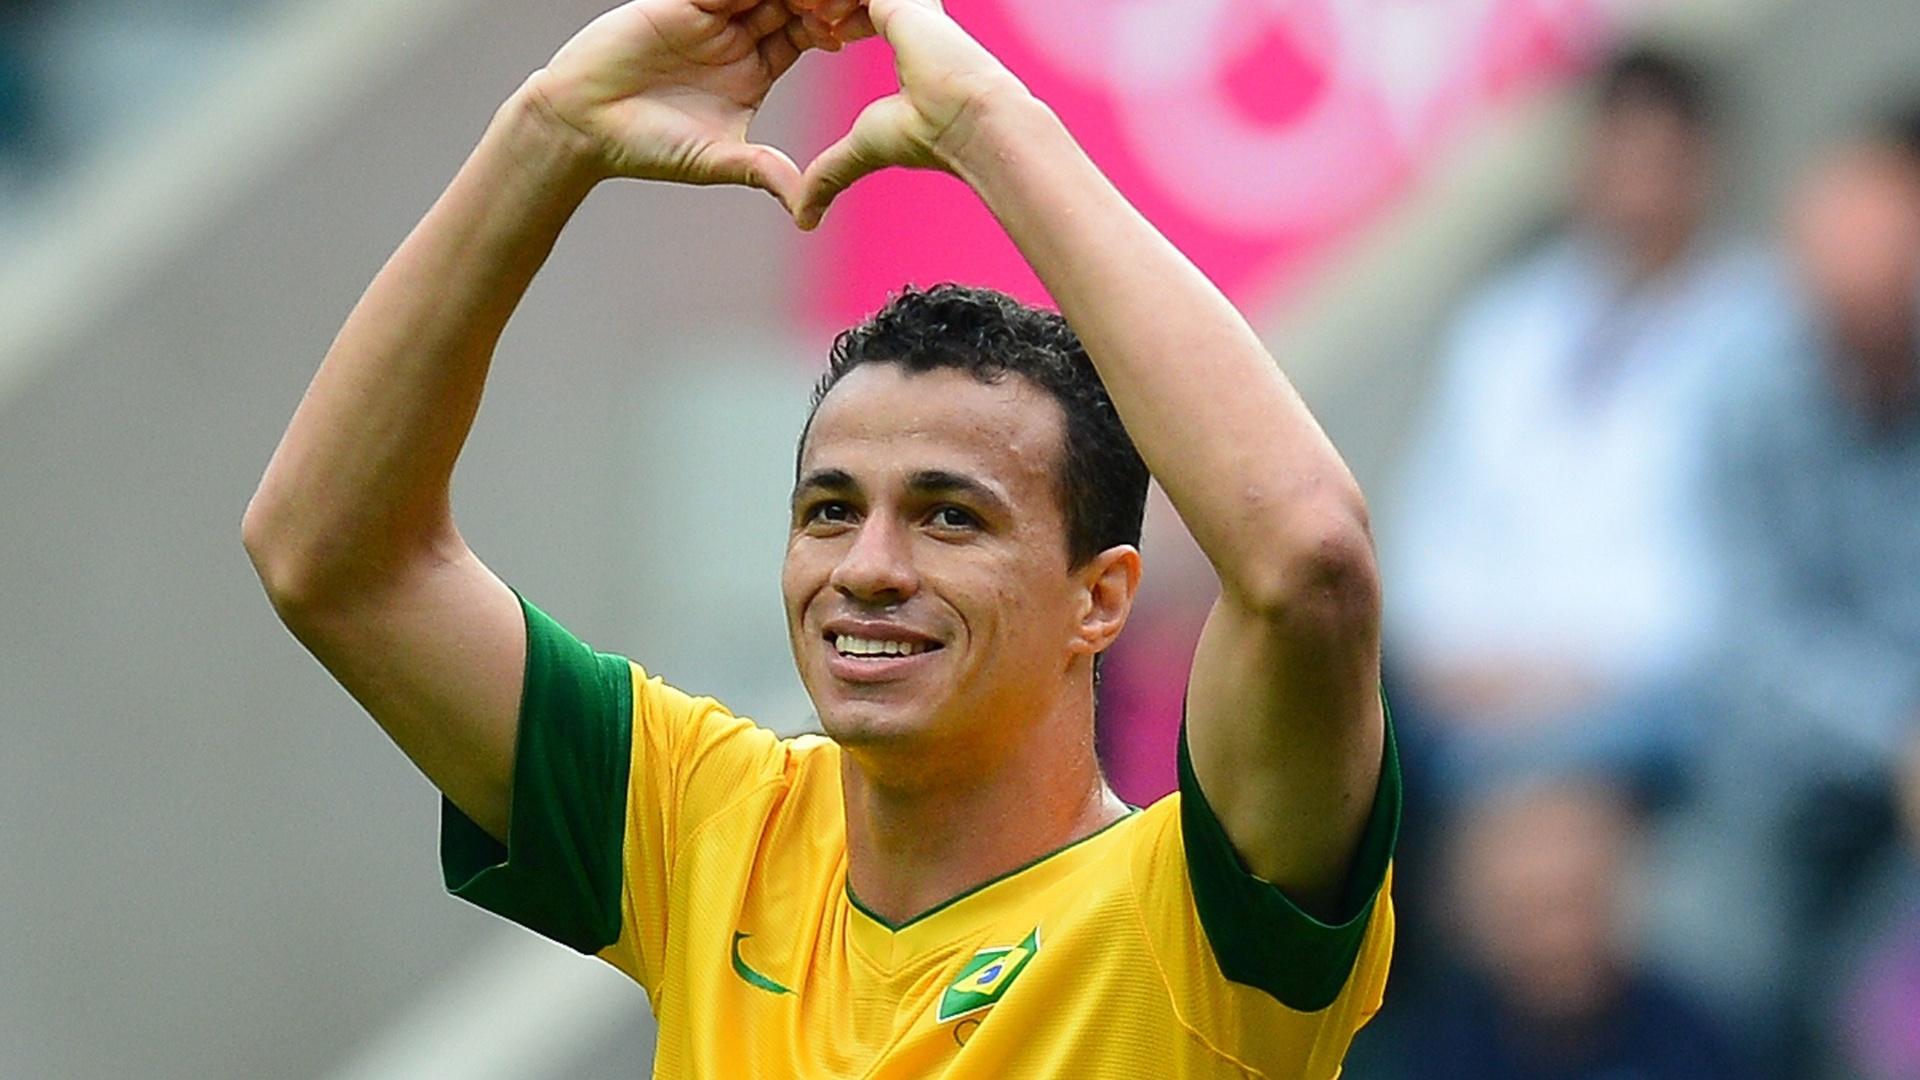 atacante-leandro-damiao-comemora-o-segundo-gol-brasileiro-contra-va-nova-zelandia-1343831102612_1920x1080